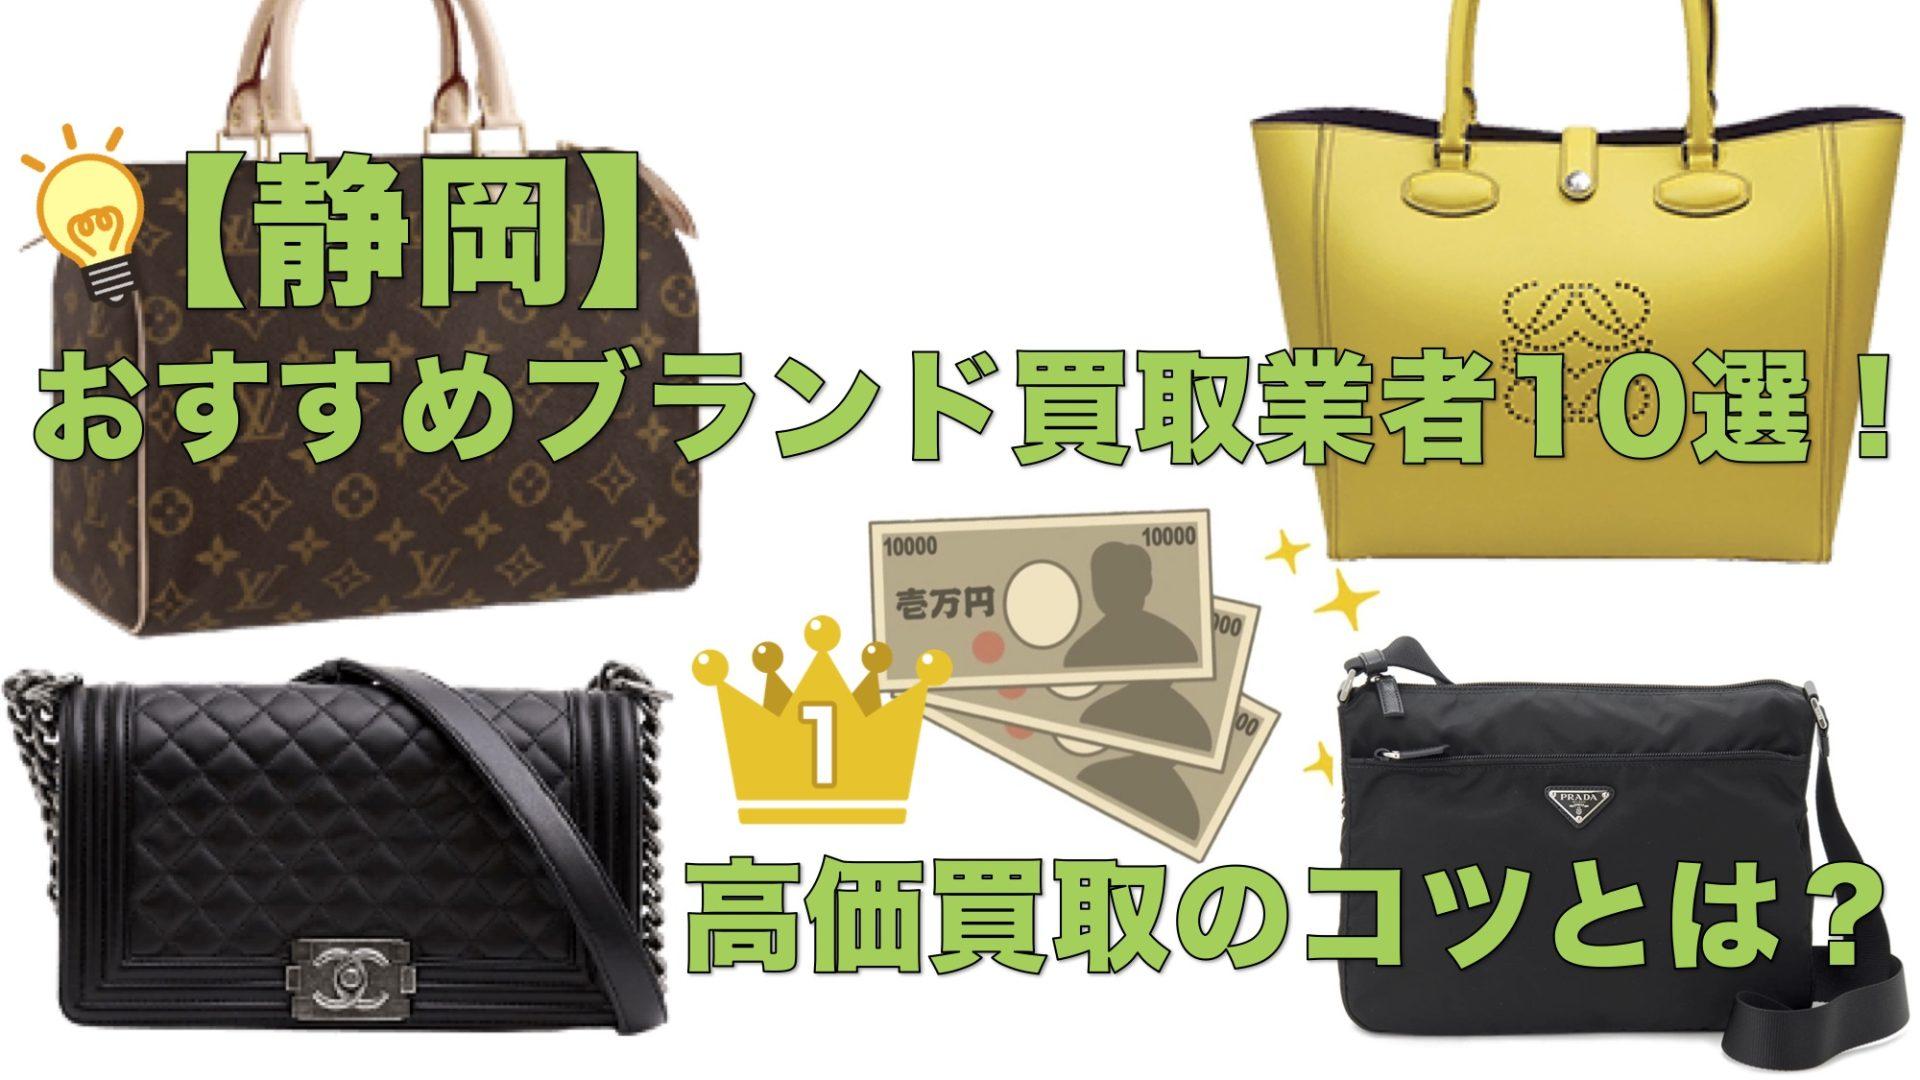 【静岡】おすすめブランド買取業者10選!業者選びのポイントは? アイキャッチ画像